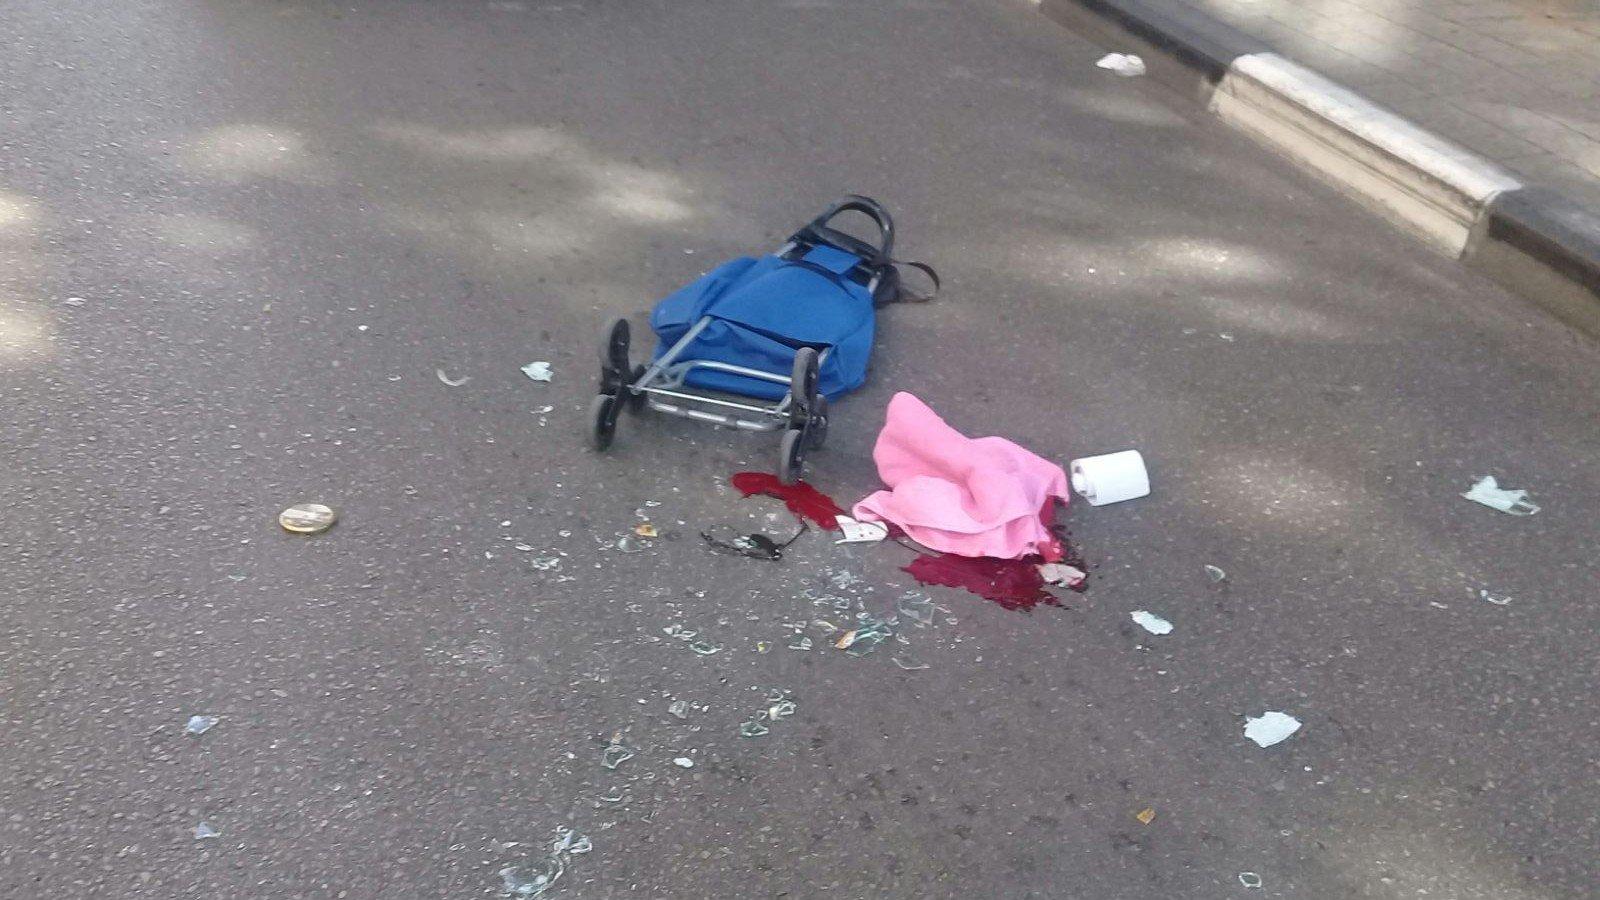 """حادث طرق """"ضرب وهرب"""" في يافا وإصابة خطيرة لسيدة-3"""